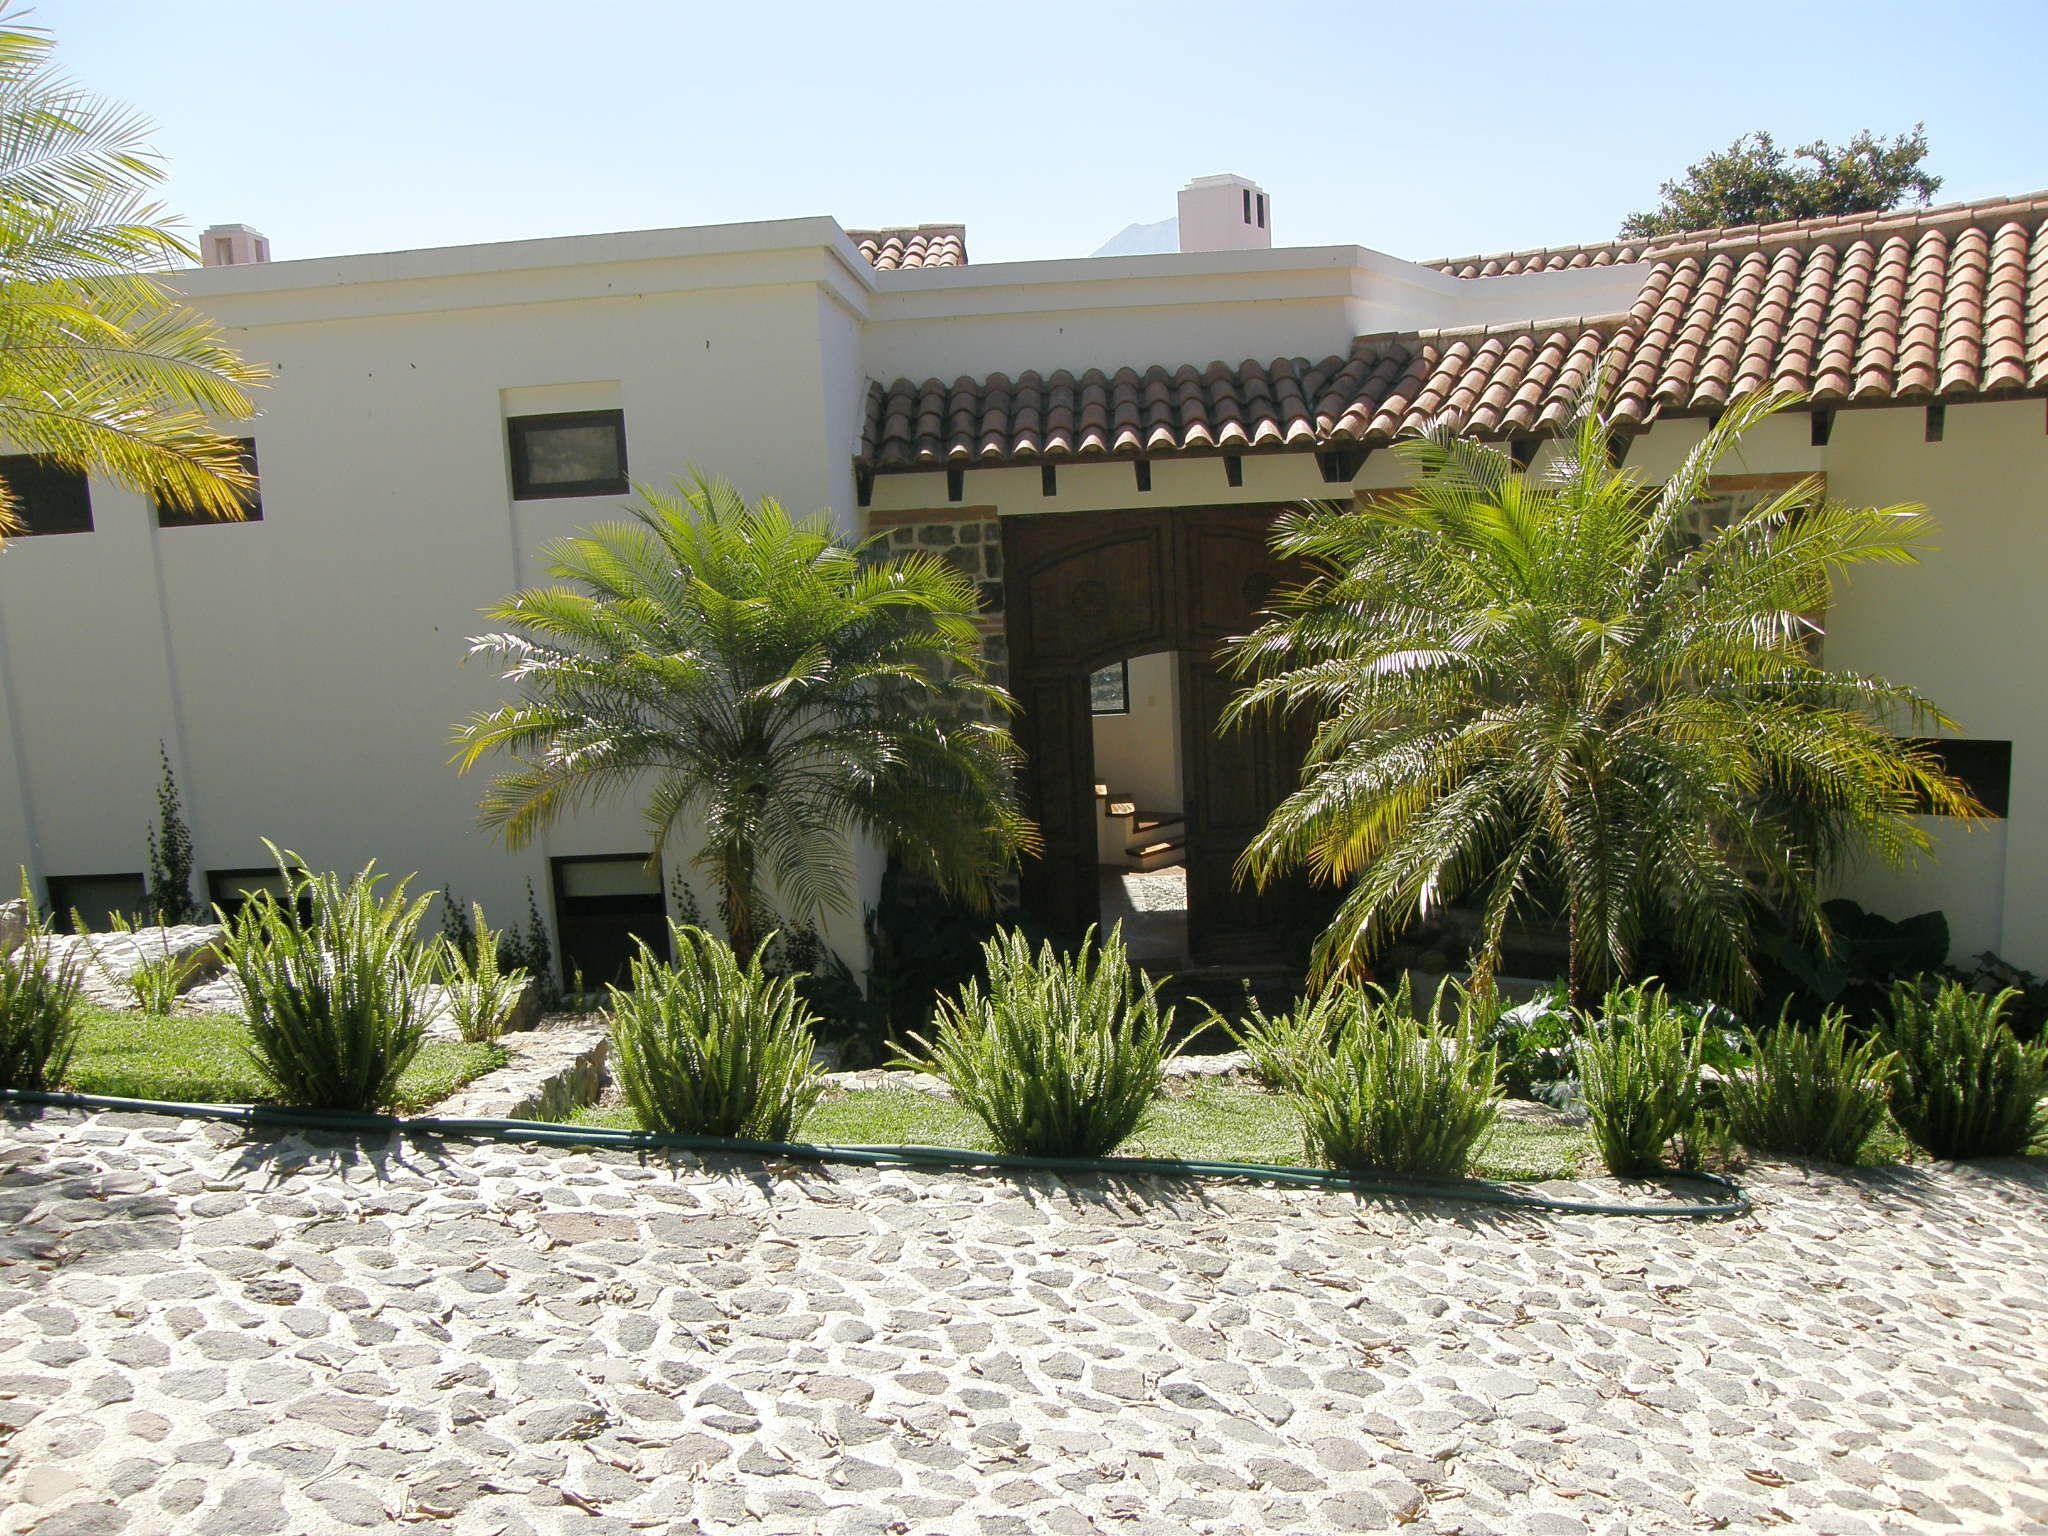 Entrada de casa Mirador. Aqui te puedes hospedar y pasar dias increibles.